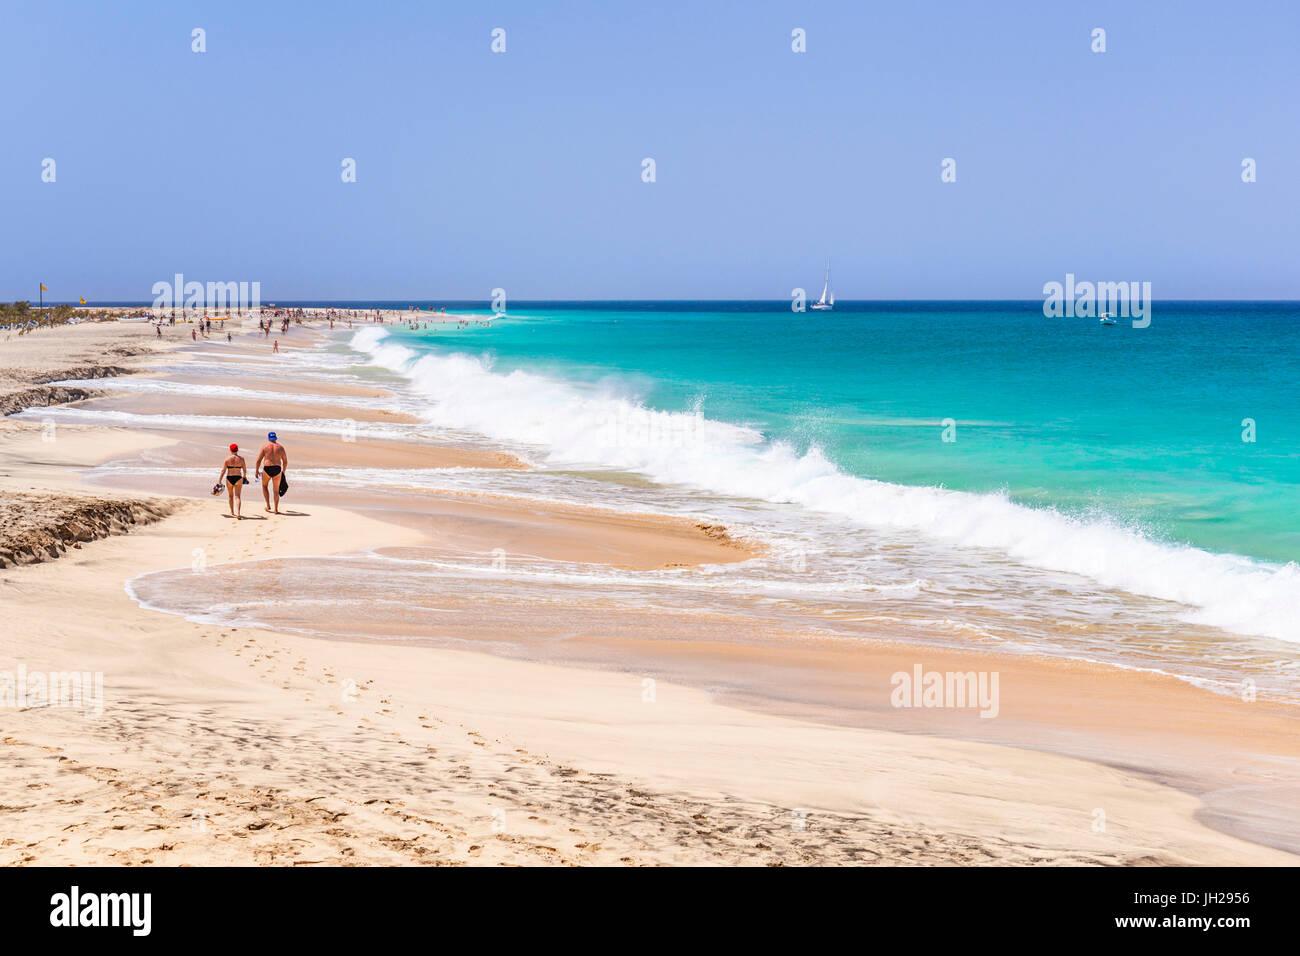 Los turistas caminando por la playa, la playa de Ponta Preta, Santa María, Isla de Sal, Cabo Verde, Atlántica, Imagen De Stock